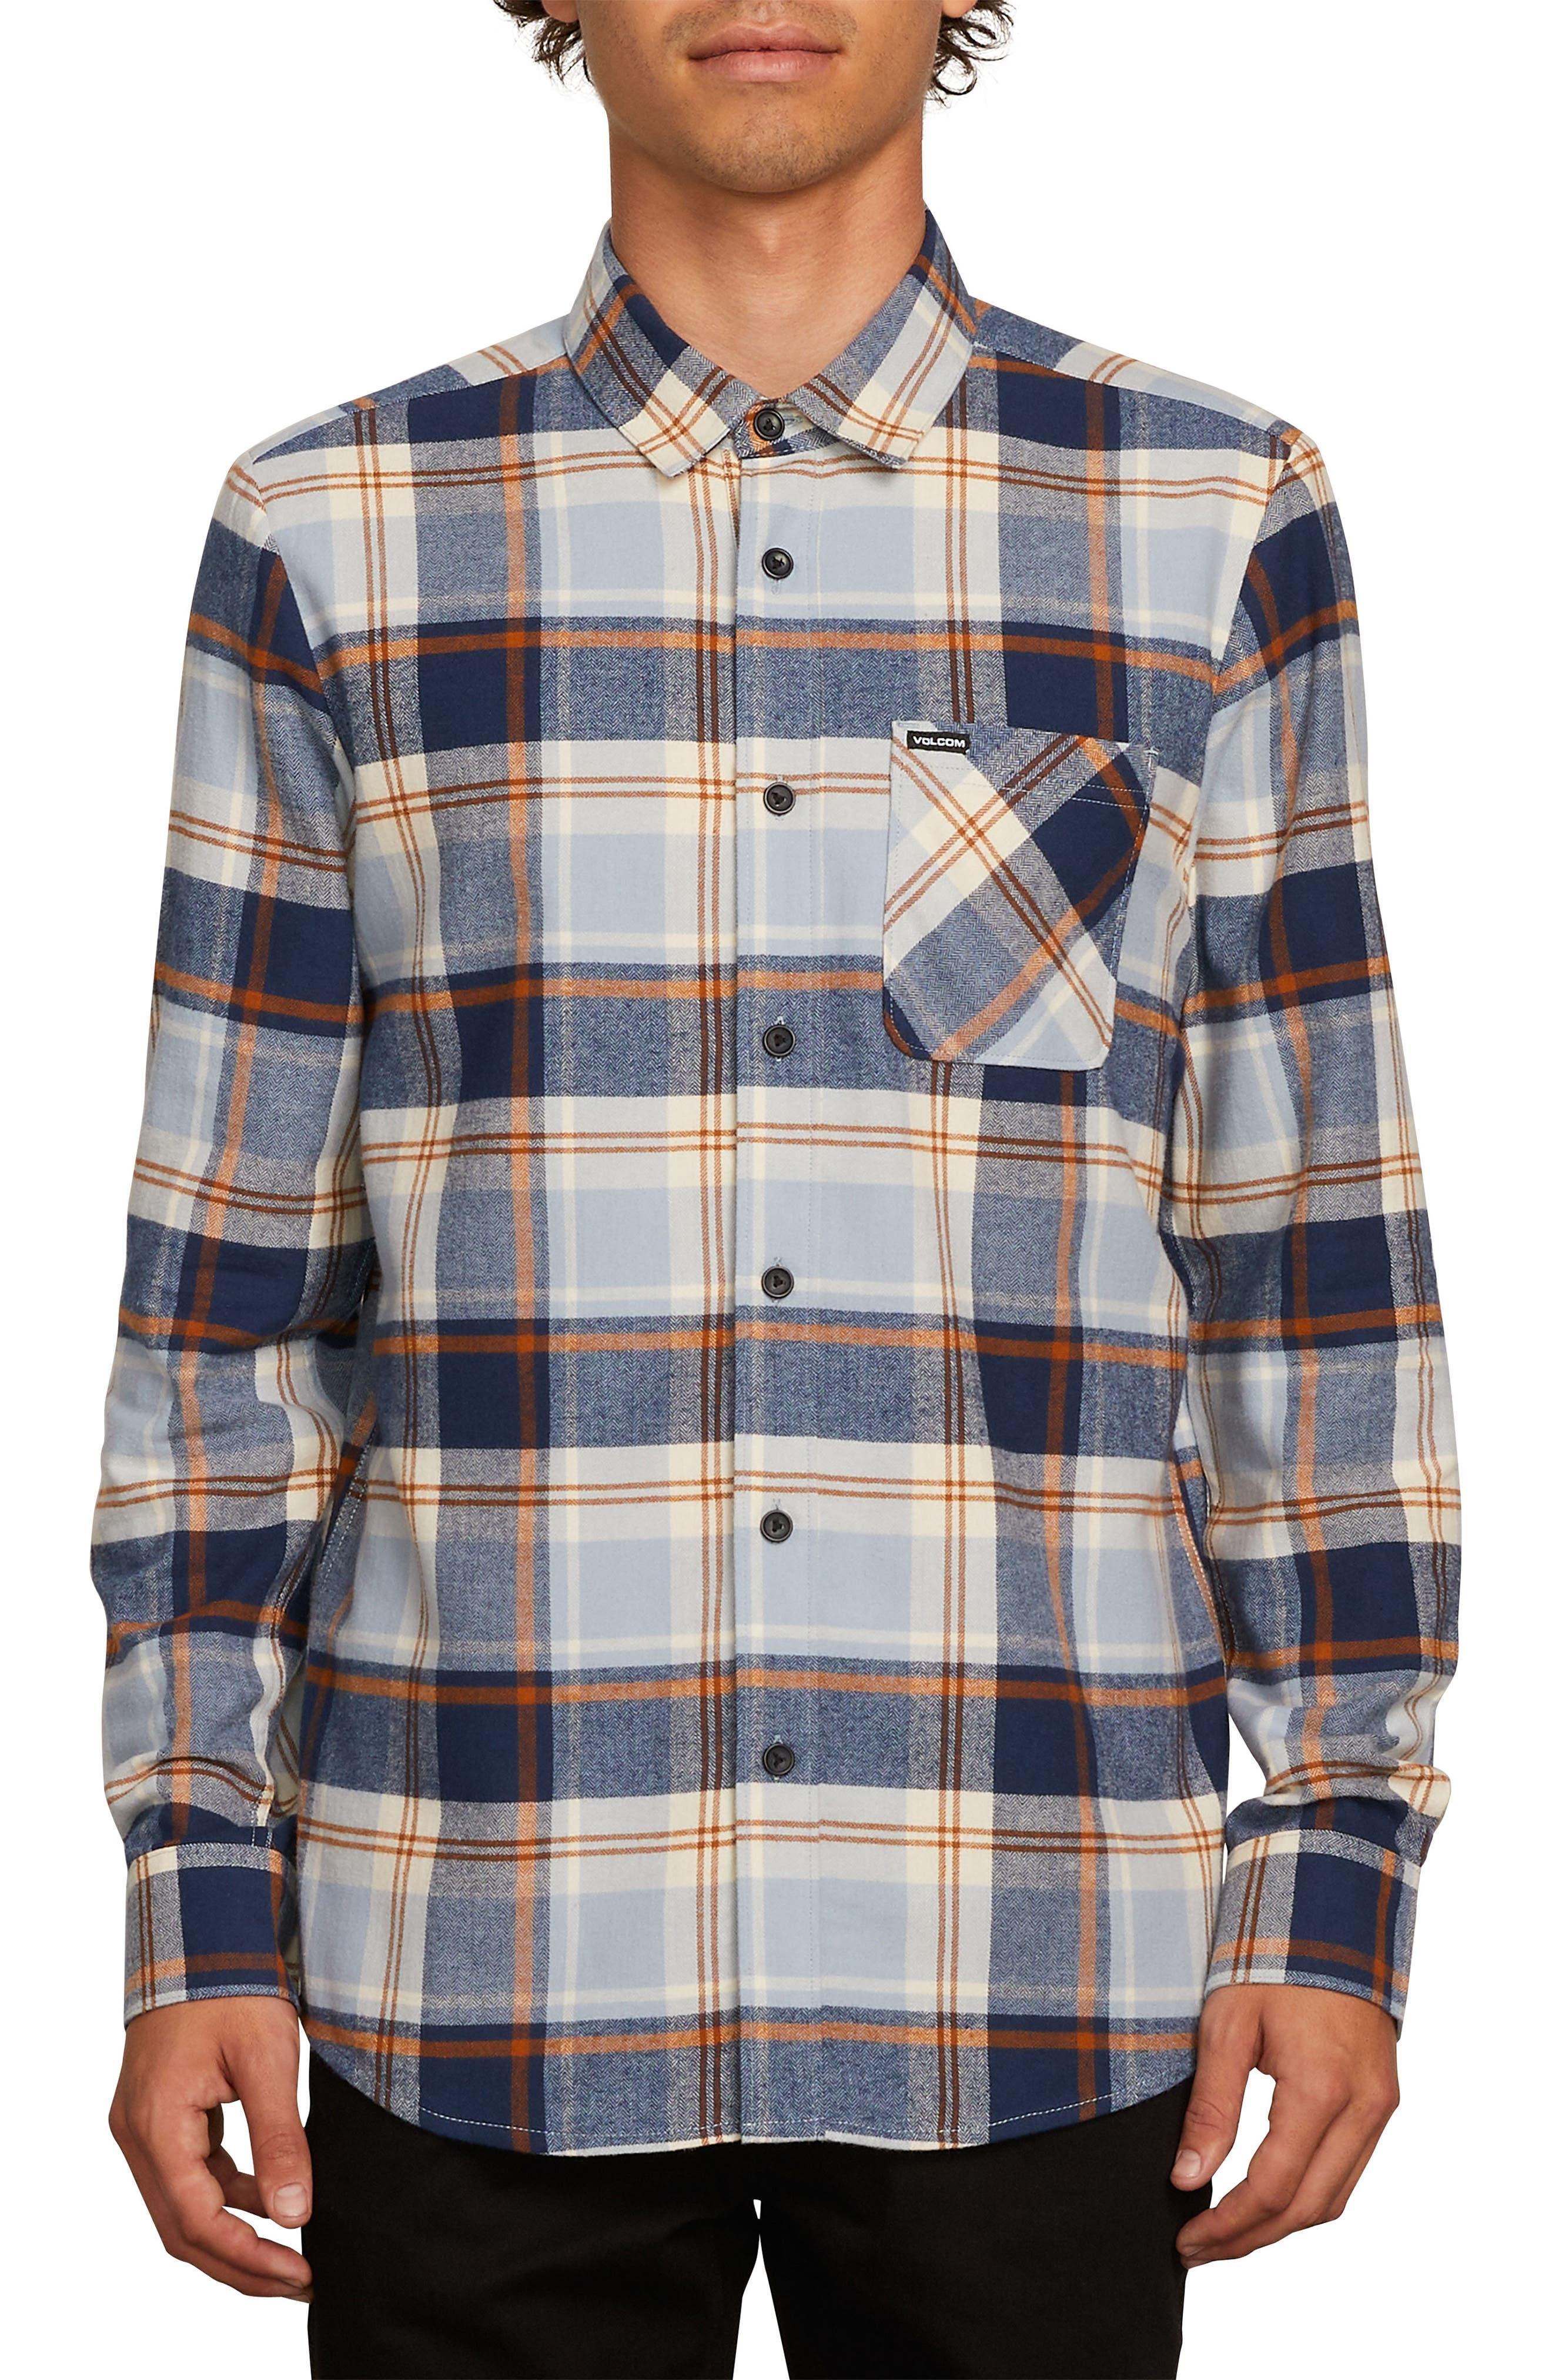 Volcom Caden Plaid Flannel Shirt, Blue